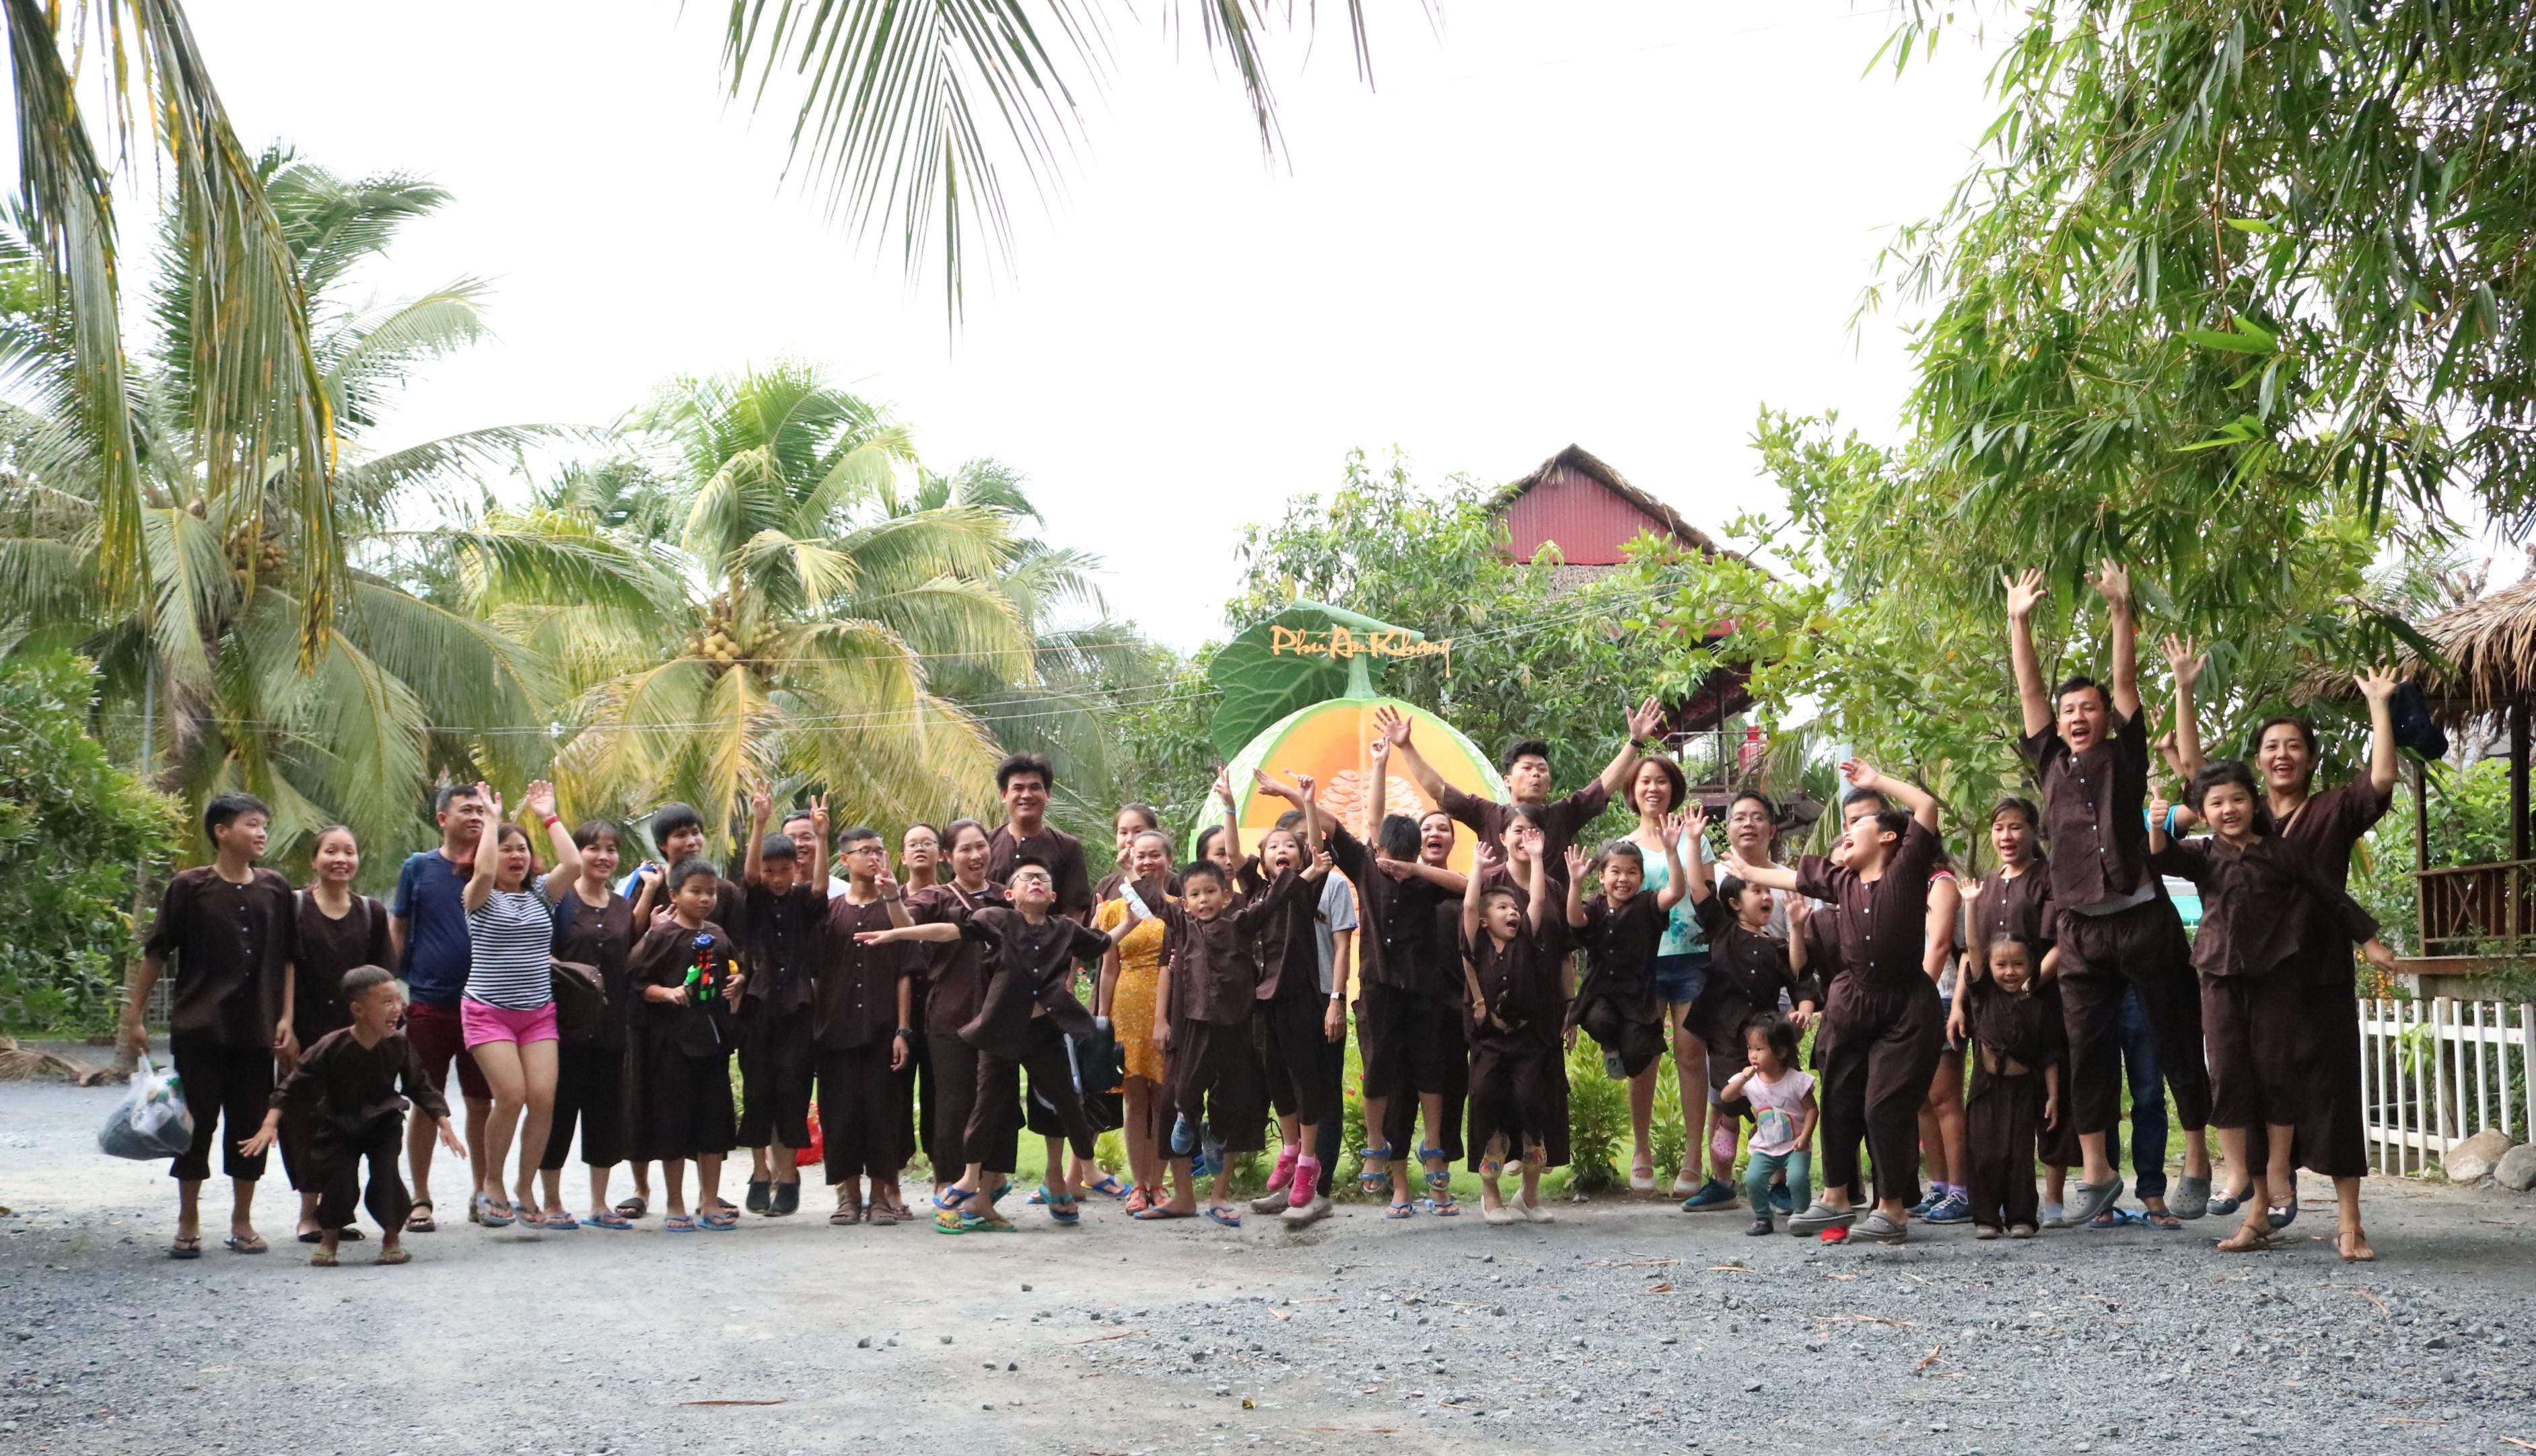 Đại gia đình check in khu du lịch Phú An Khang - Du lịch C2T